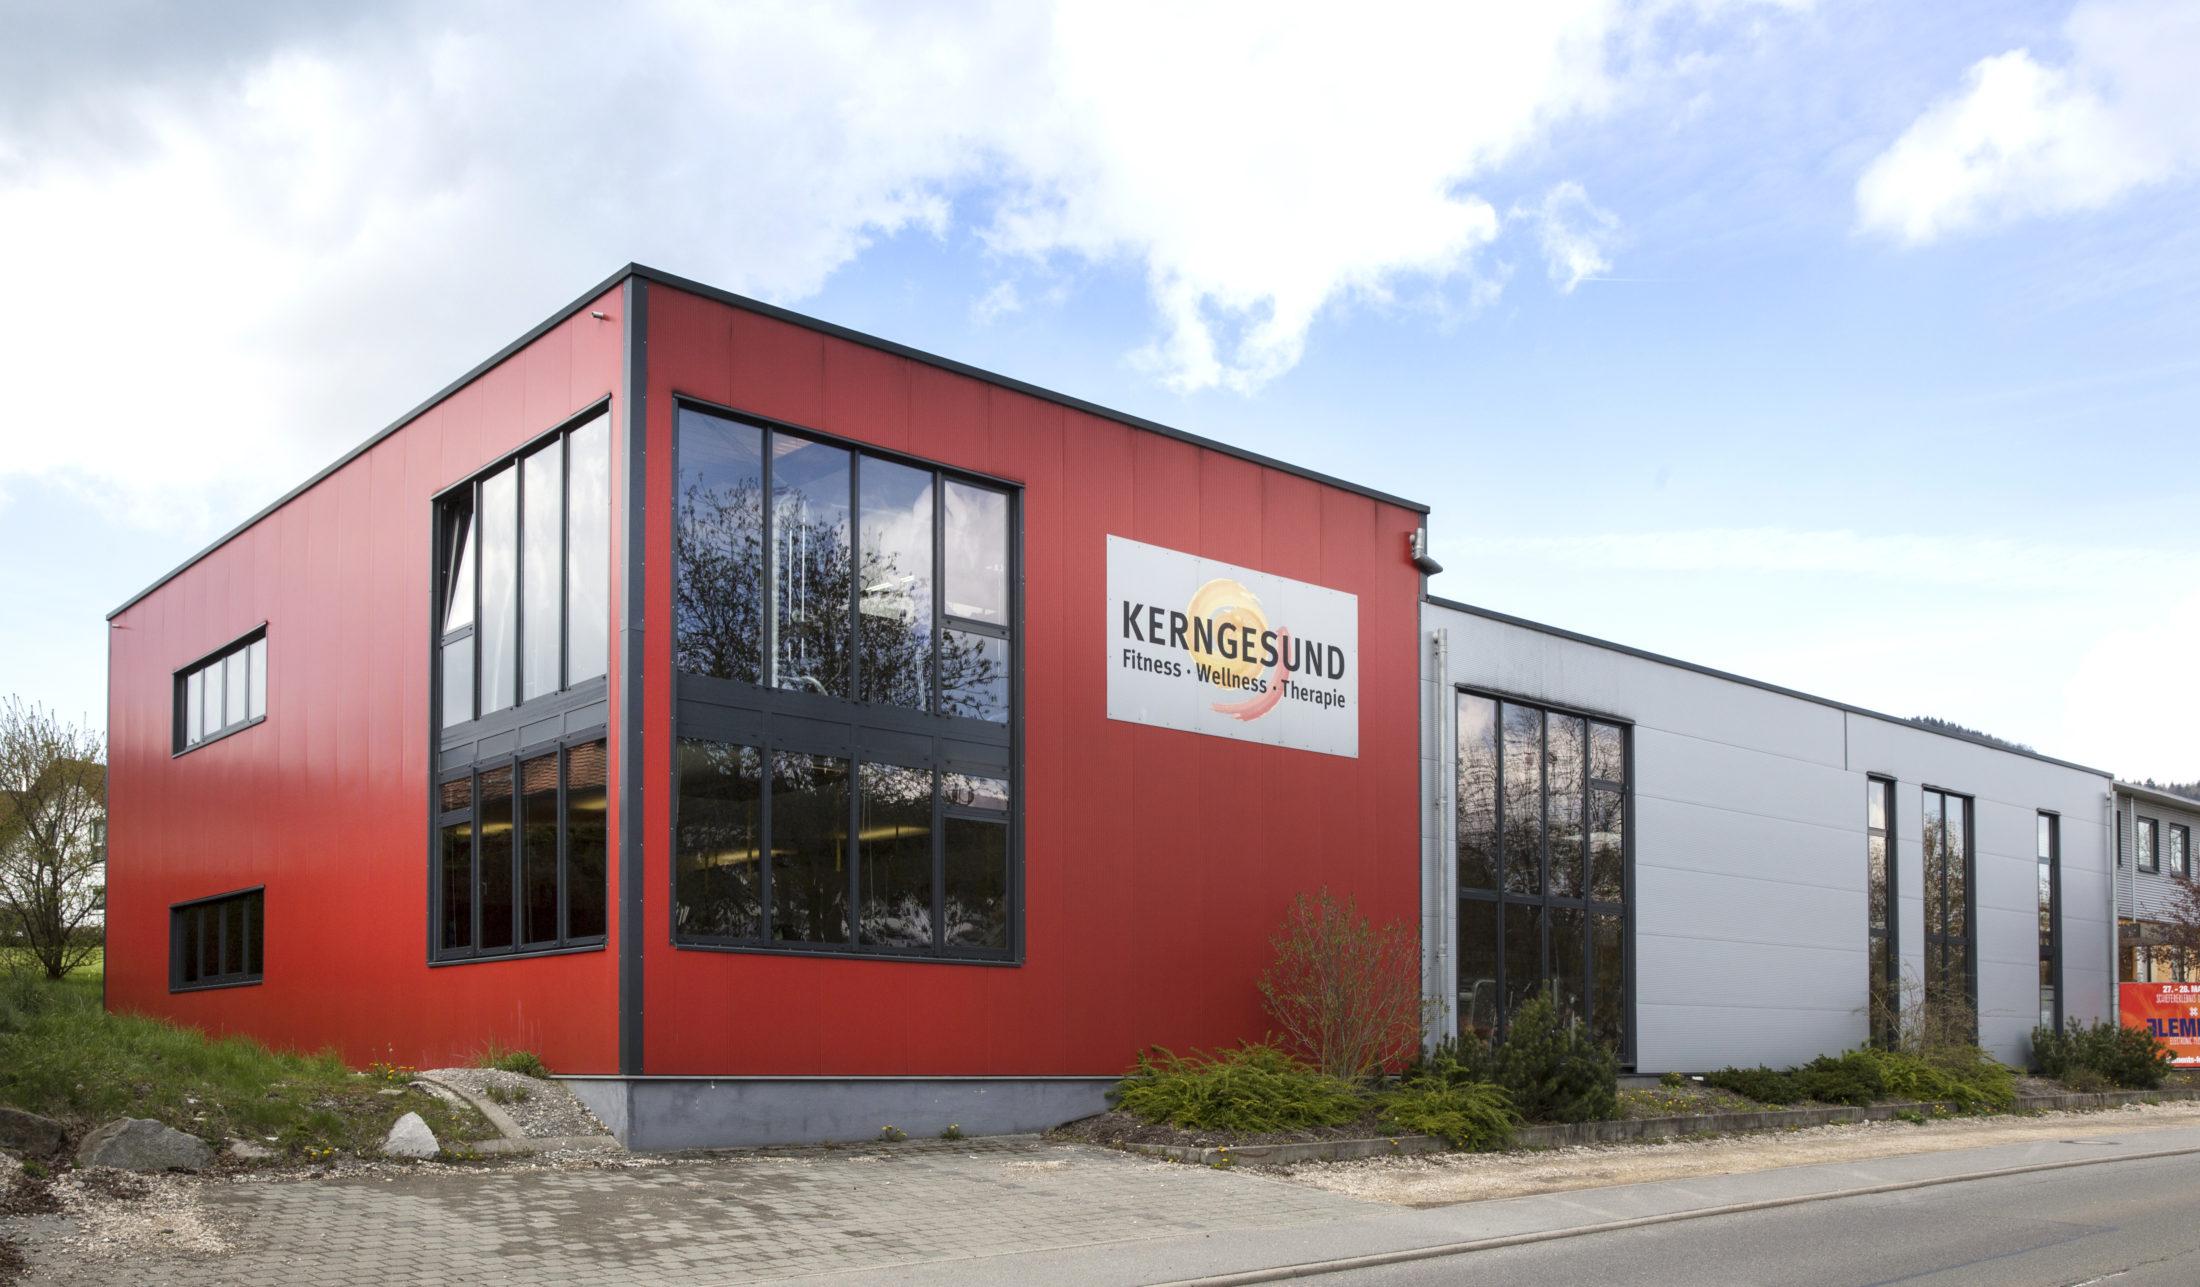 Das Firmengebäude von Kerngesund